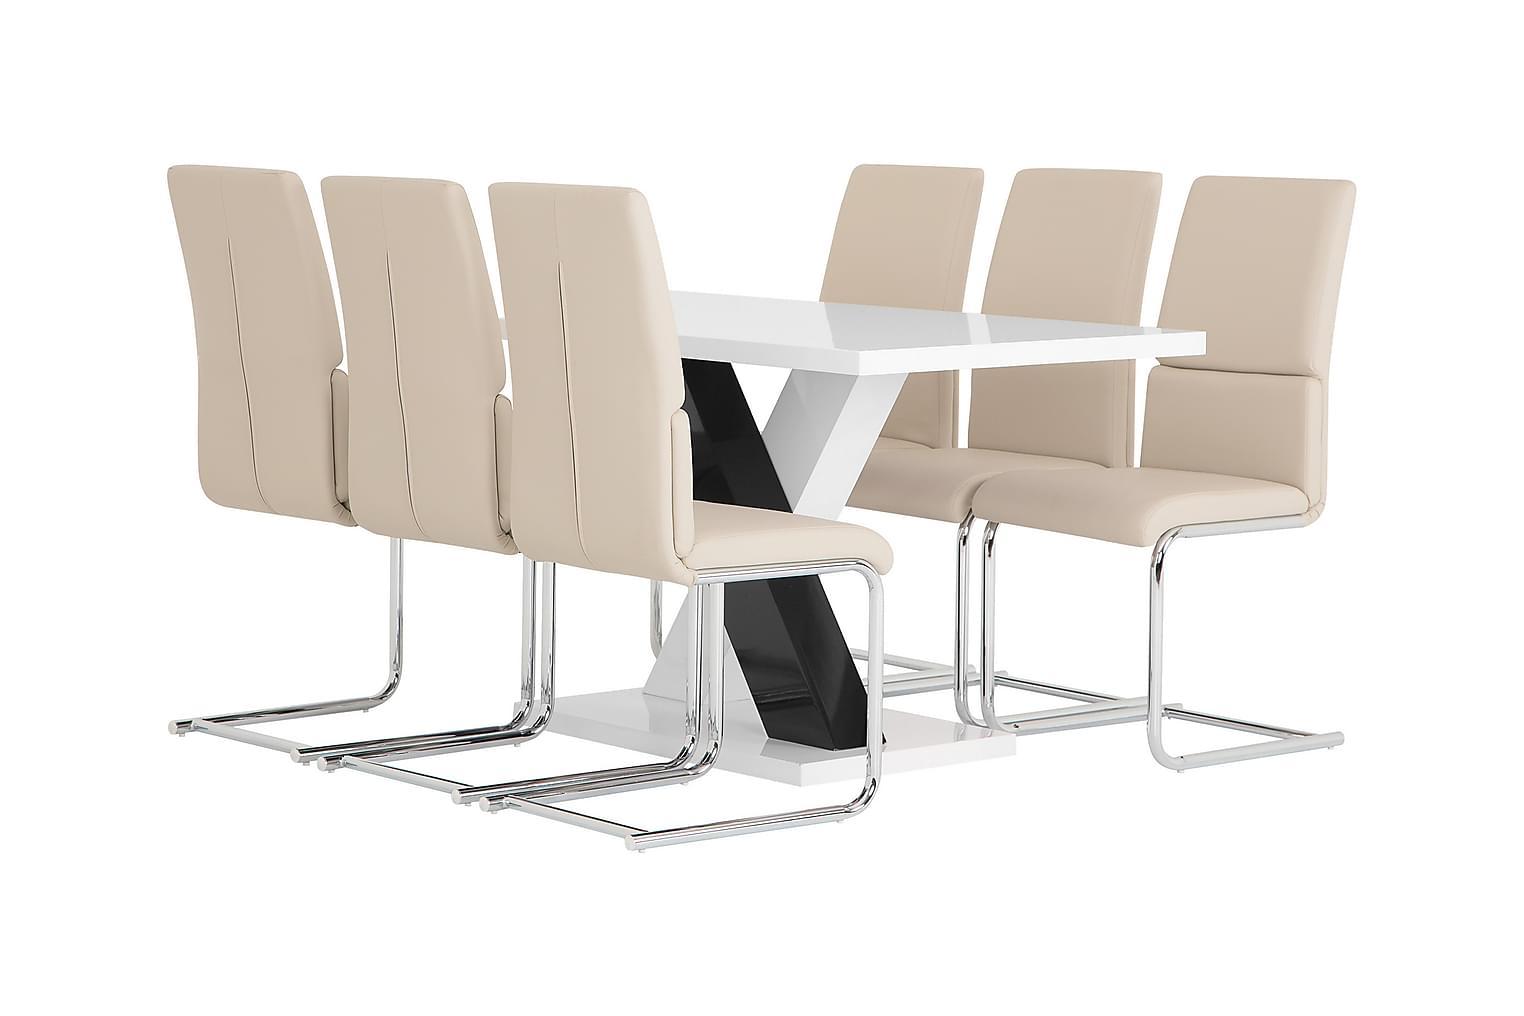 ESSUNGA Pöytä 140 Valkoinen + 6 TYSAN Tuolia Beige